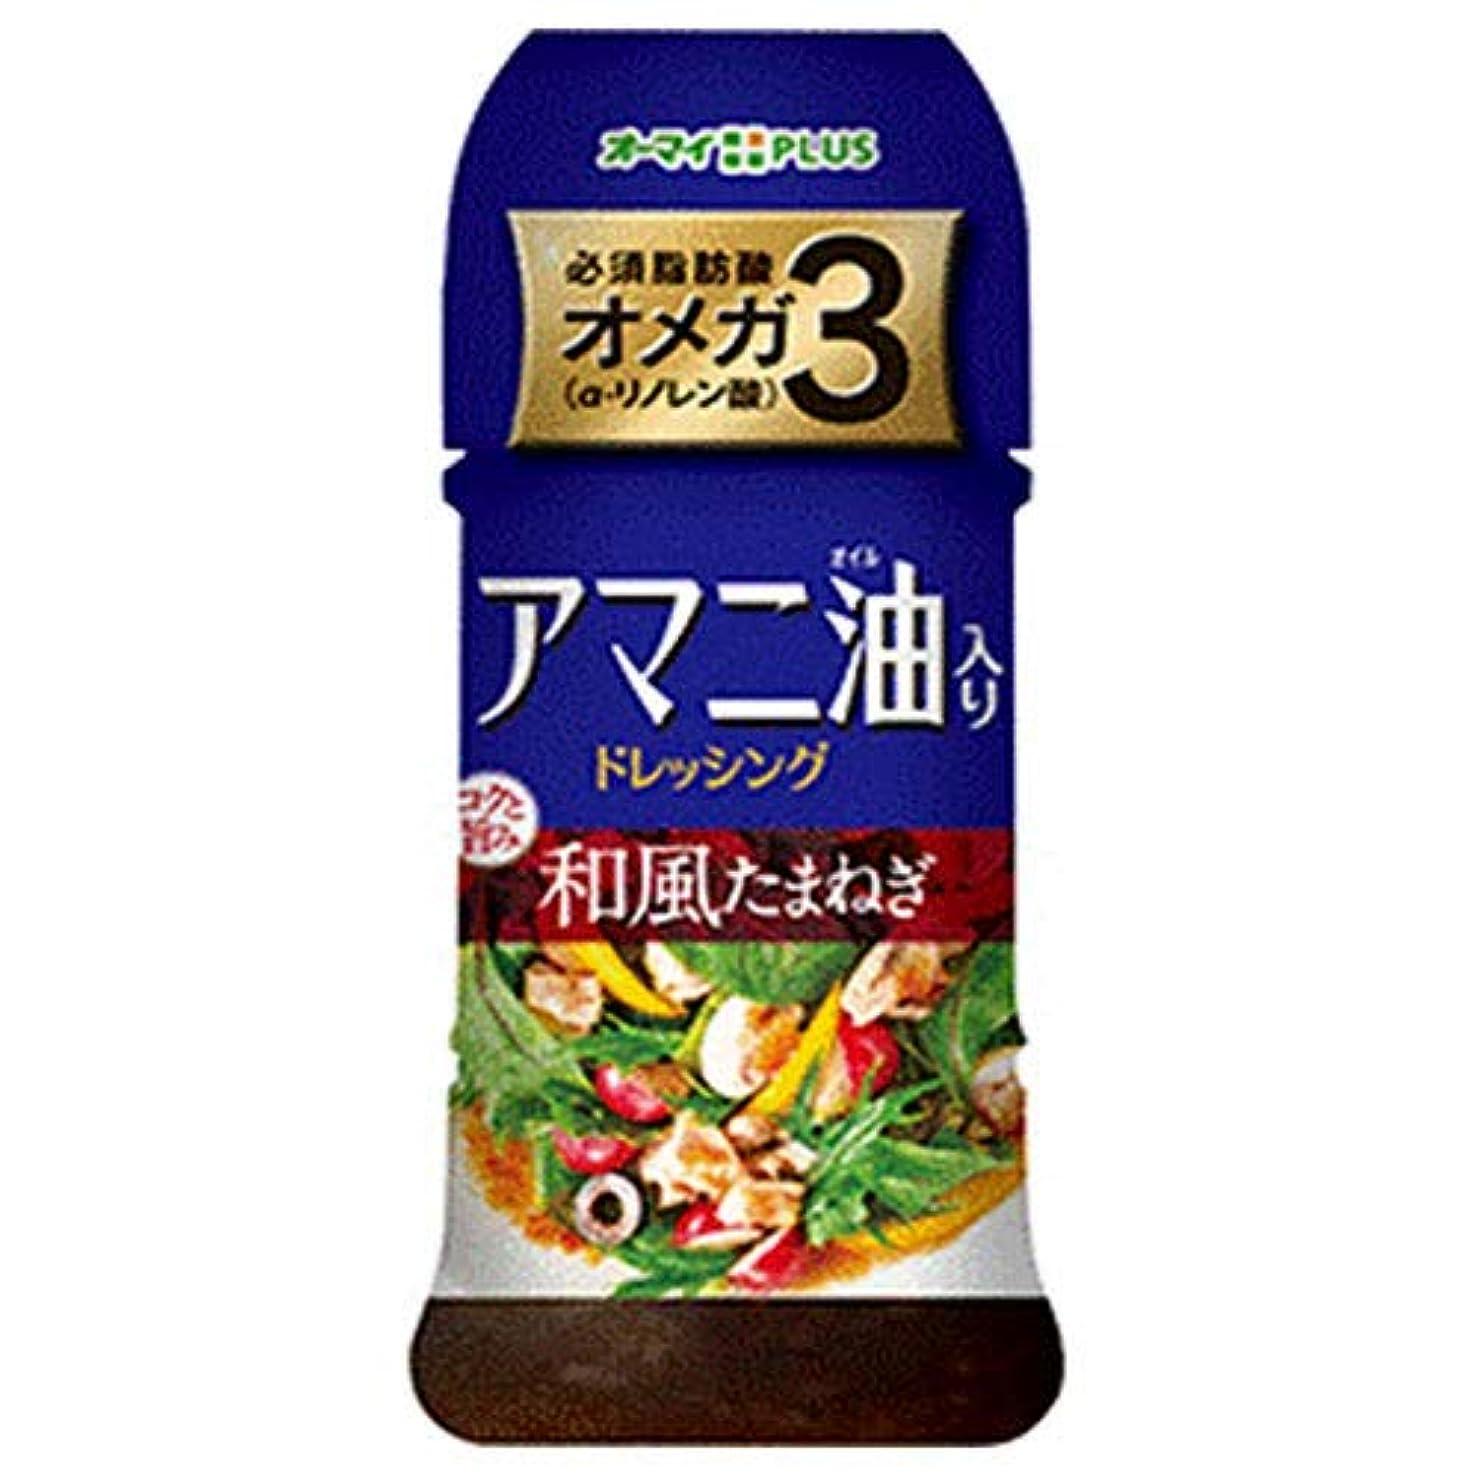 みぞれ秋覚醒日本製粉 オーマイプラス アマニ油入りドレッシング 和風たまねぎ 150ml×12本入×(2ケース)